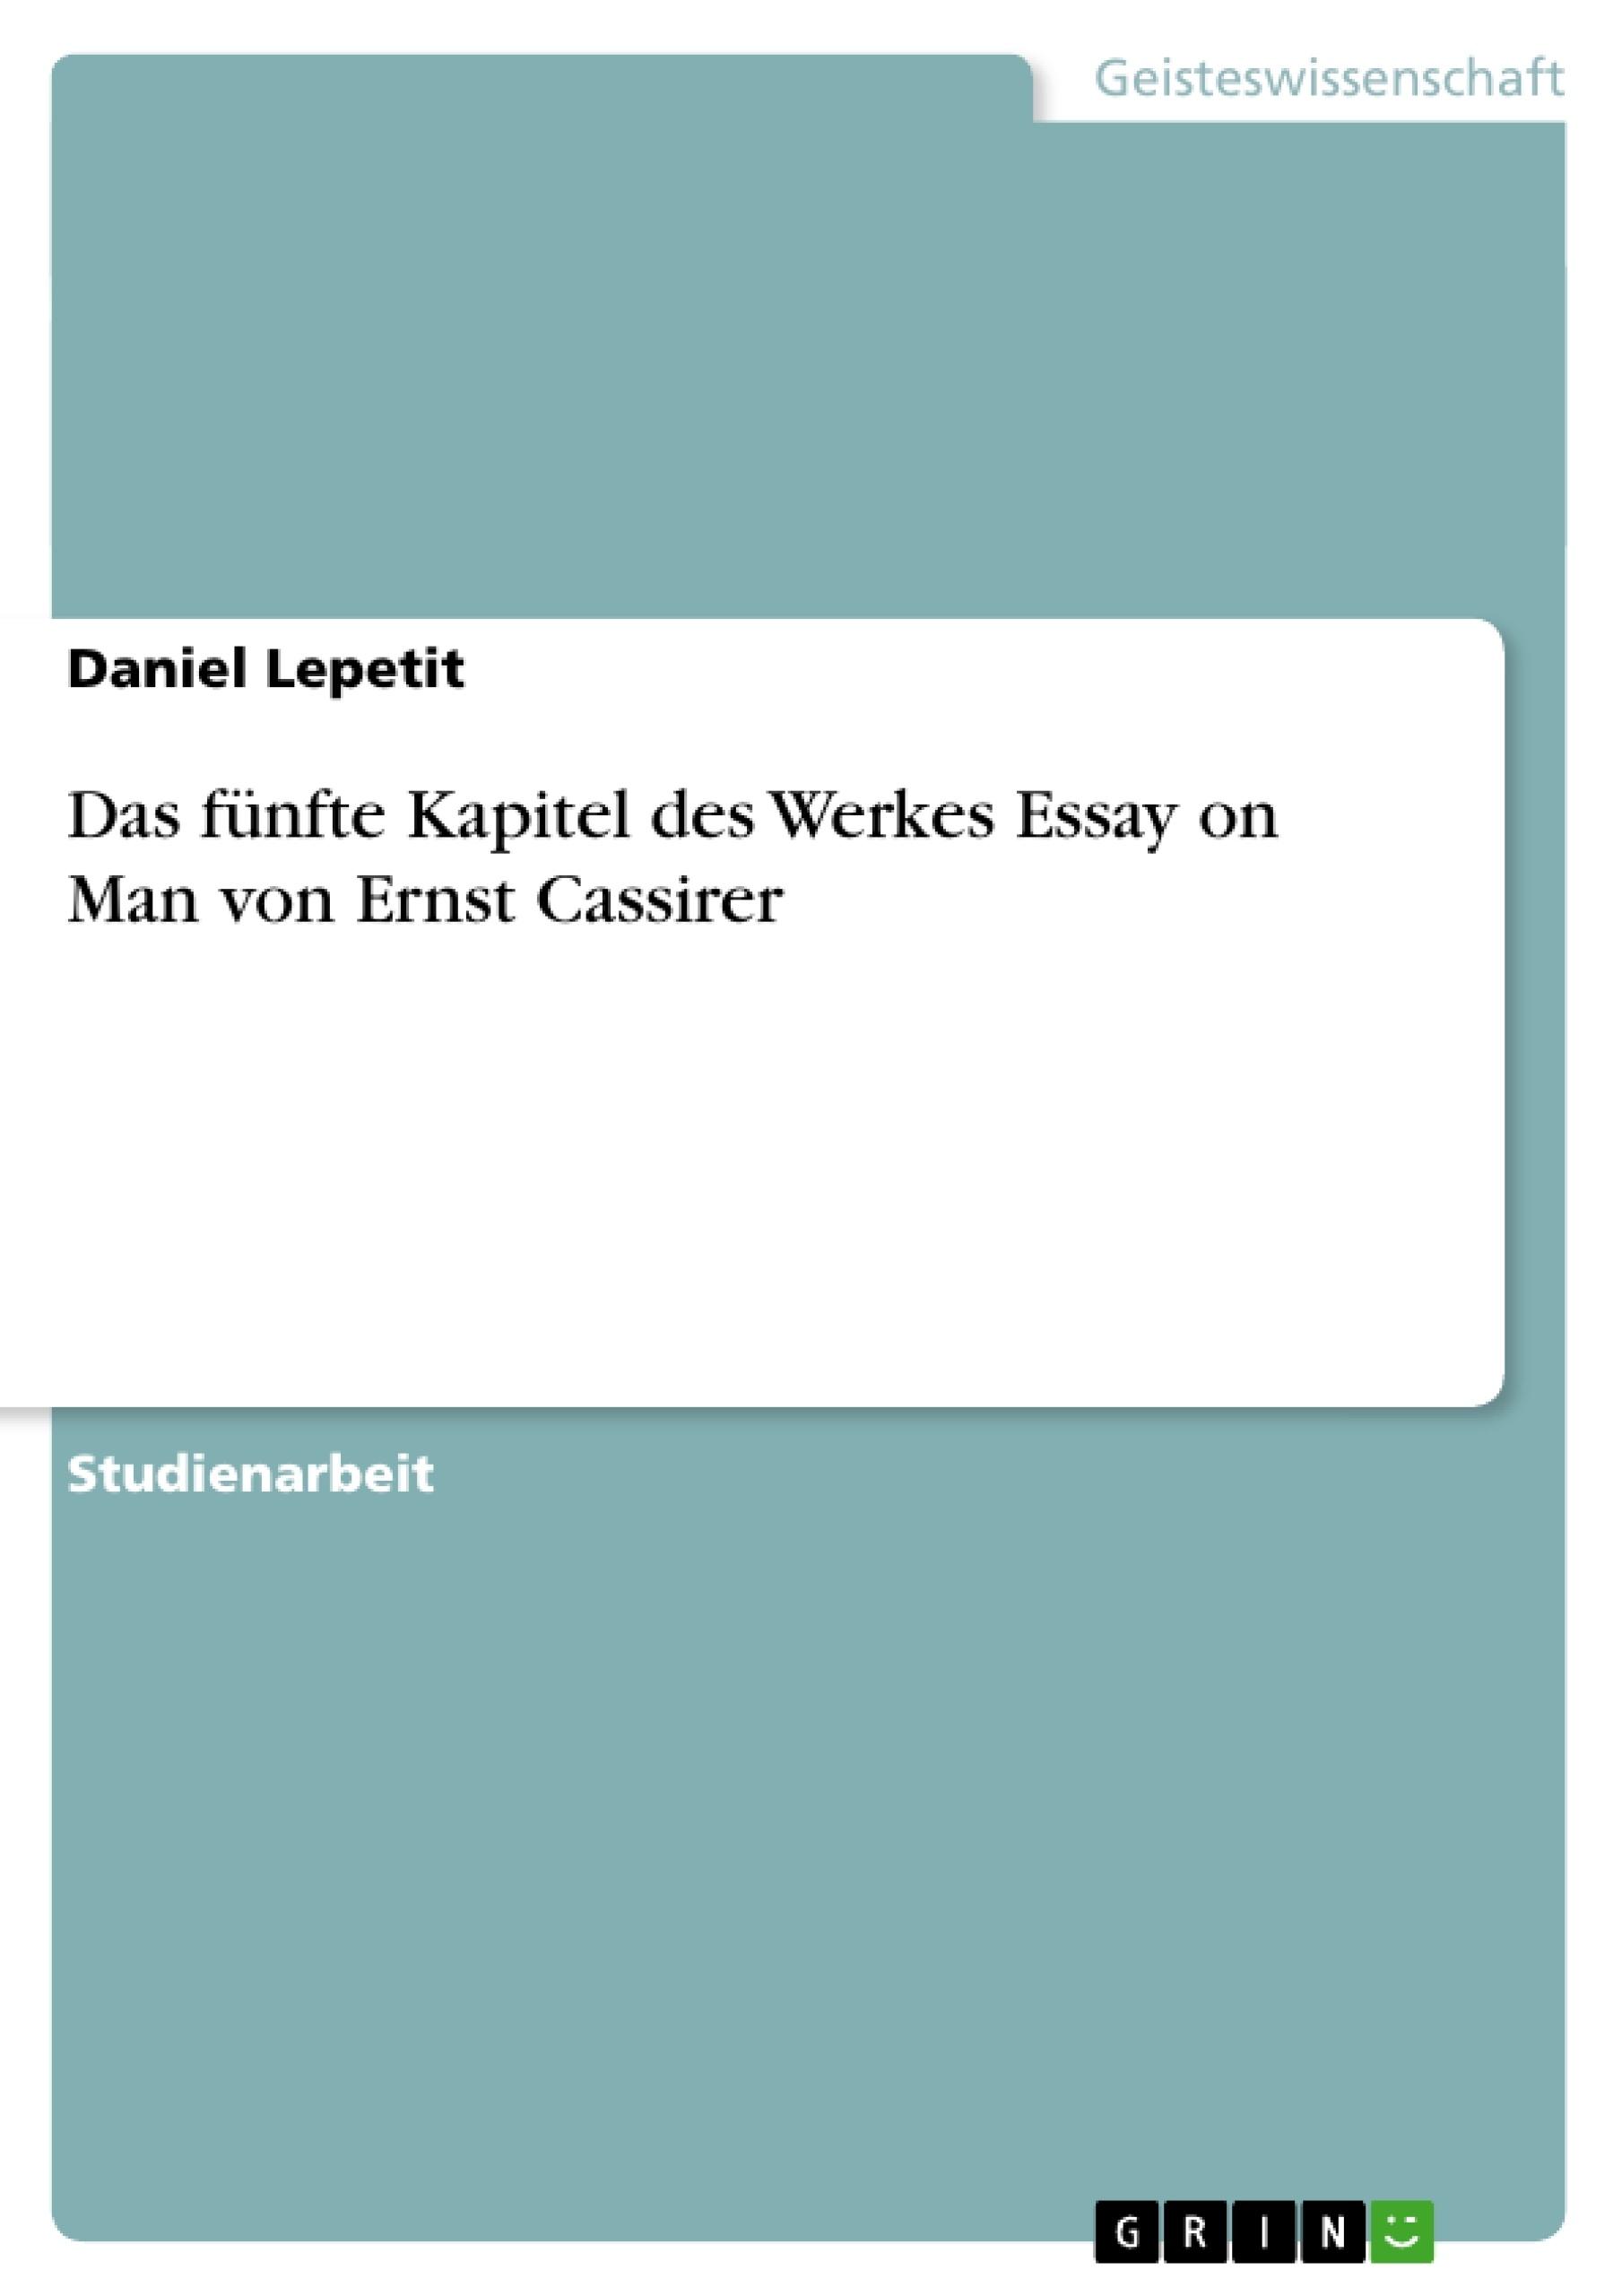 Titel: Das fünfte Kapitel des Werkes Essay on Man von Ernst Cassirer